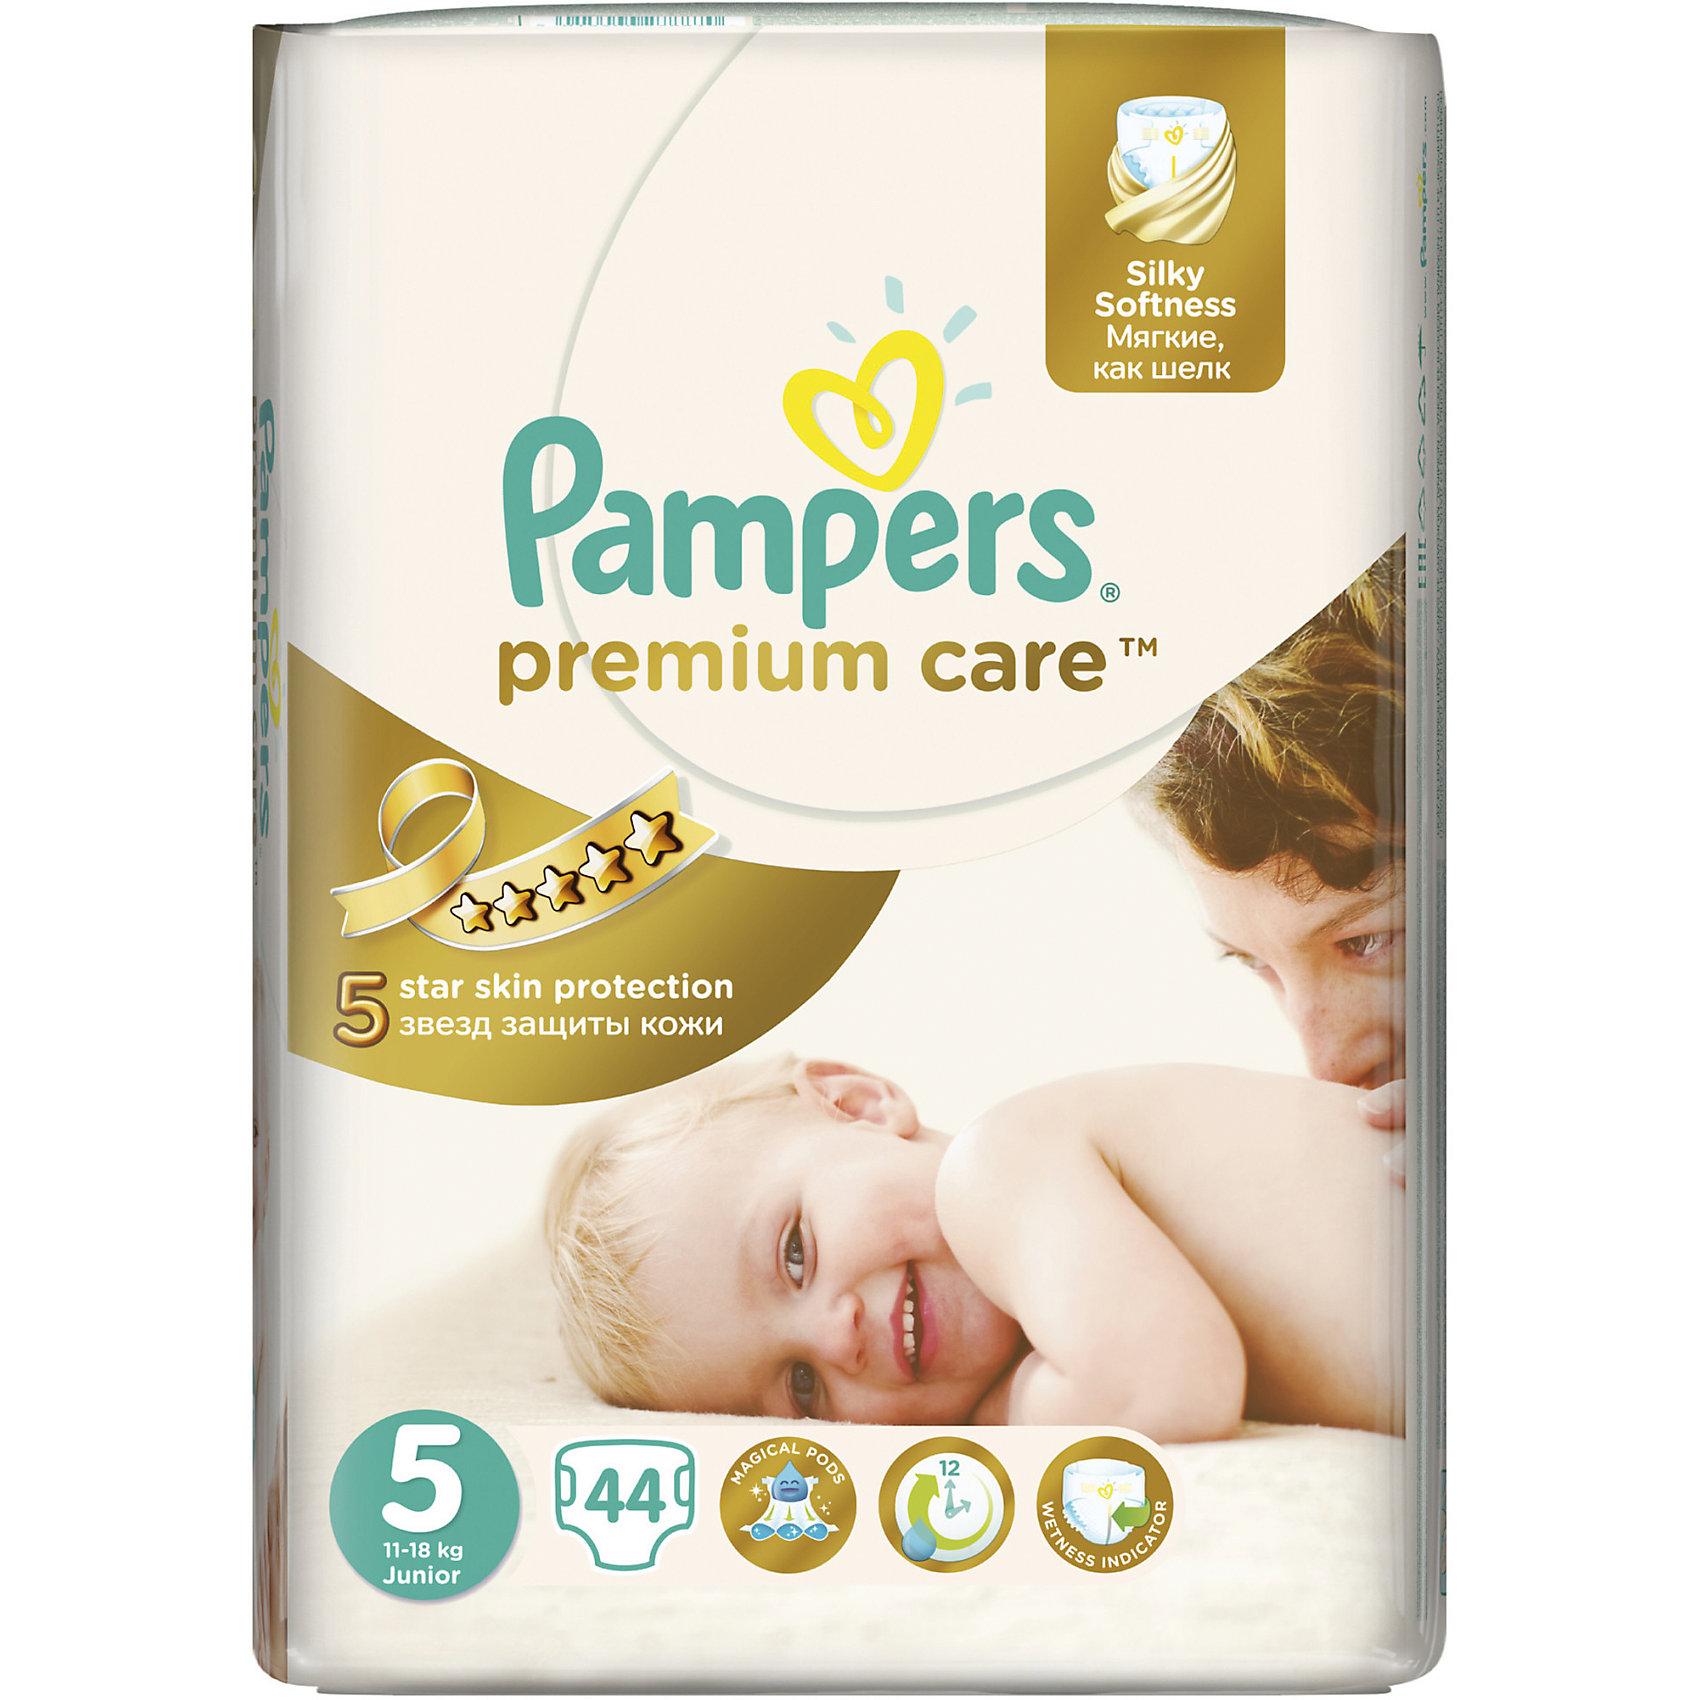 Подгузники Pampers Premium Care, 11-18 кг, 5 размер, 44 шт., PampersПодгузники более 12 кг.<br>Характеристики:<br><br>• Пол: универсальный<br>• Тип подгузника: одноразовый<br>• Коллекция: Premium Care<br>• Предназначение: для использования в любое время суток <br>• Размер: 5<br>• Вес ребенка: от 11 до 18 кг<br>• Количество в упаковке: 44 шт.<br>• Упаковка: пакет<br>• Размер упаковки: 30,5*12*23,1 см<br>• Вес в упаковке: 1 кг 147 г<br>• Эластичные застежки-липучки<br>• Подходят для чувствительной кожи<br>• Индикатор влаги<br>• Дышащие материалы<br>• Повышенные впитывающие свойства<br><br>Подгузники Pampers Premium Care, 11-18 кг, 5 размер, 44 шт., Pampers – это новейшая линейка детских подгузников от Pampers, которая сочетает в себе высокое качество и безопасность материалов, удобство использования и комфорт для нежной кожи малыша. Подгузники предназначены для детей весом до 18 кг. Инновационные технологии и современные материалы обеспечивают этим подгузникам дышащие свойства, что особенно важно для кожи малыша. <br><br>Три впитывающих слоя обеспечивают повышенные впитывающие качества, при этом верхний слой остается сухим и мягким. У подгузников предусмотрена эластичная мягкая резиночка на спинке. Широкие липучки с двух сторон обеспечивают надежную фиксацию. У подгузника предусмотрен индикатор сухости-влажности, полоска, которая по мере наполнения меняет цвет. Подгузник подходит как для мальчиков, так и для девочек. <br><br>Подгузники Pampers Premium Care, 11-18 кг, 5 размер, 44 шт., Pampers можно купить в нашем интернет-магазине.<br><br>Ширина мм: 305<br>Глубина мм: 120<br>Высота мм: 231<br>Вес г: 147<br>Возраст от месяцев: 12<br>Возраст до месяцев: 36<br>Пол: Унисекс<br>Возраст: Детский<br>SKU: 5419027